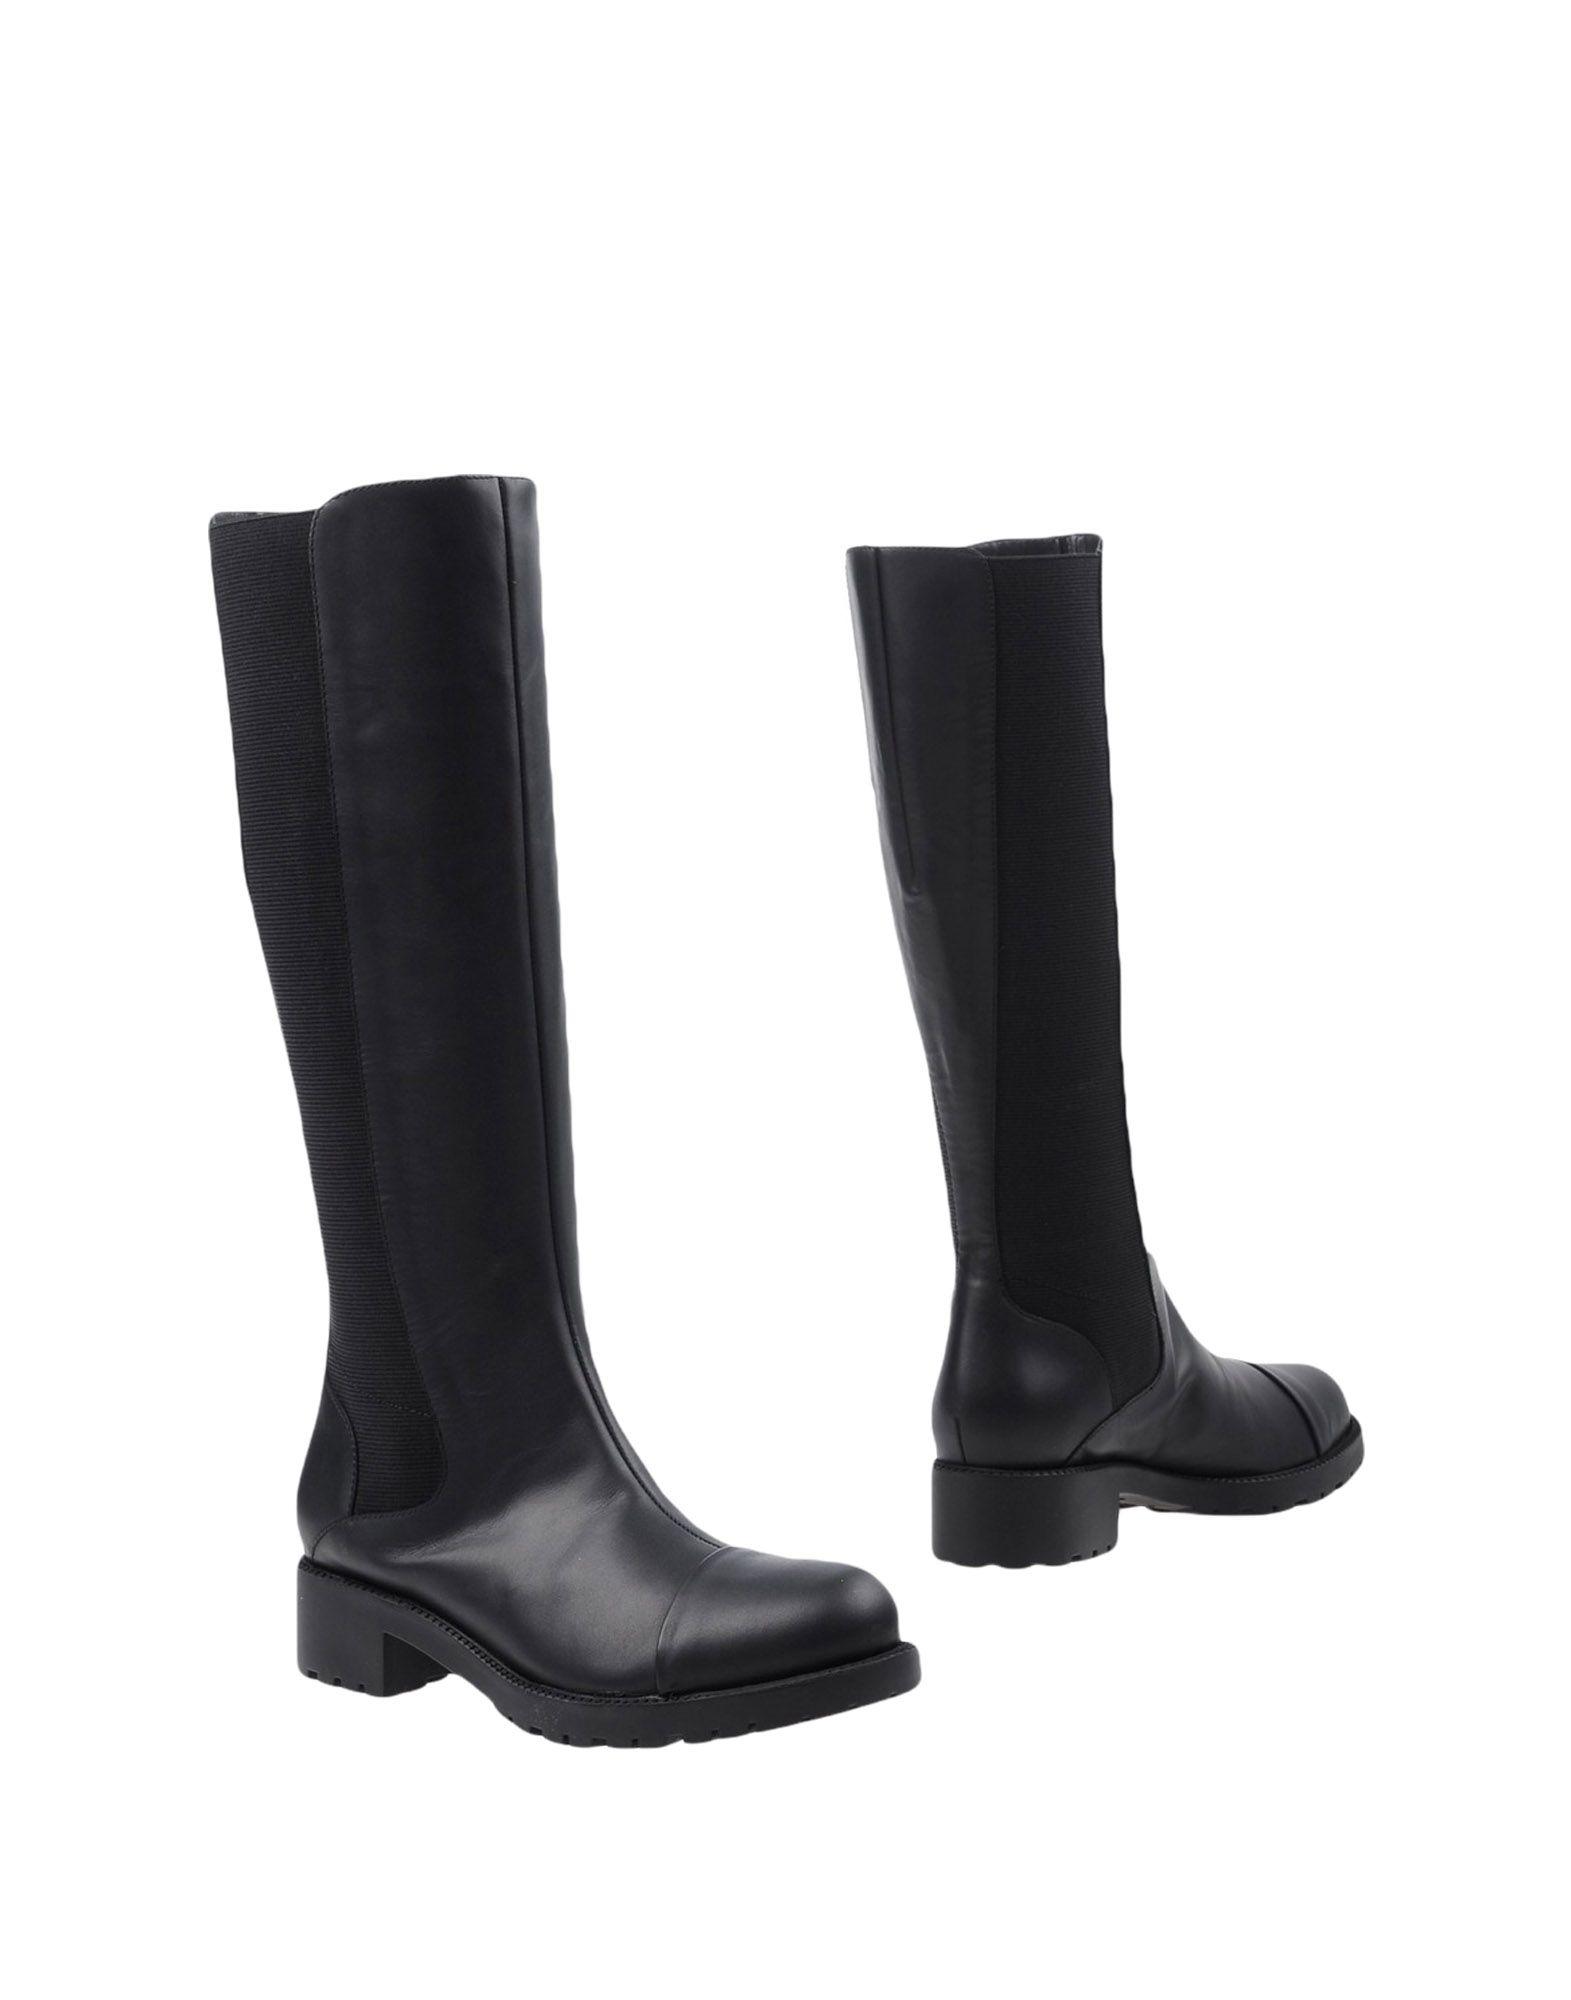 Kallistè Stiefel Damen  11362705PU Gute Qualität beliebte Schuhe